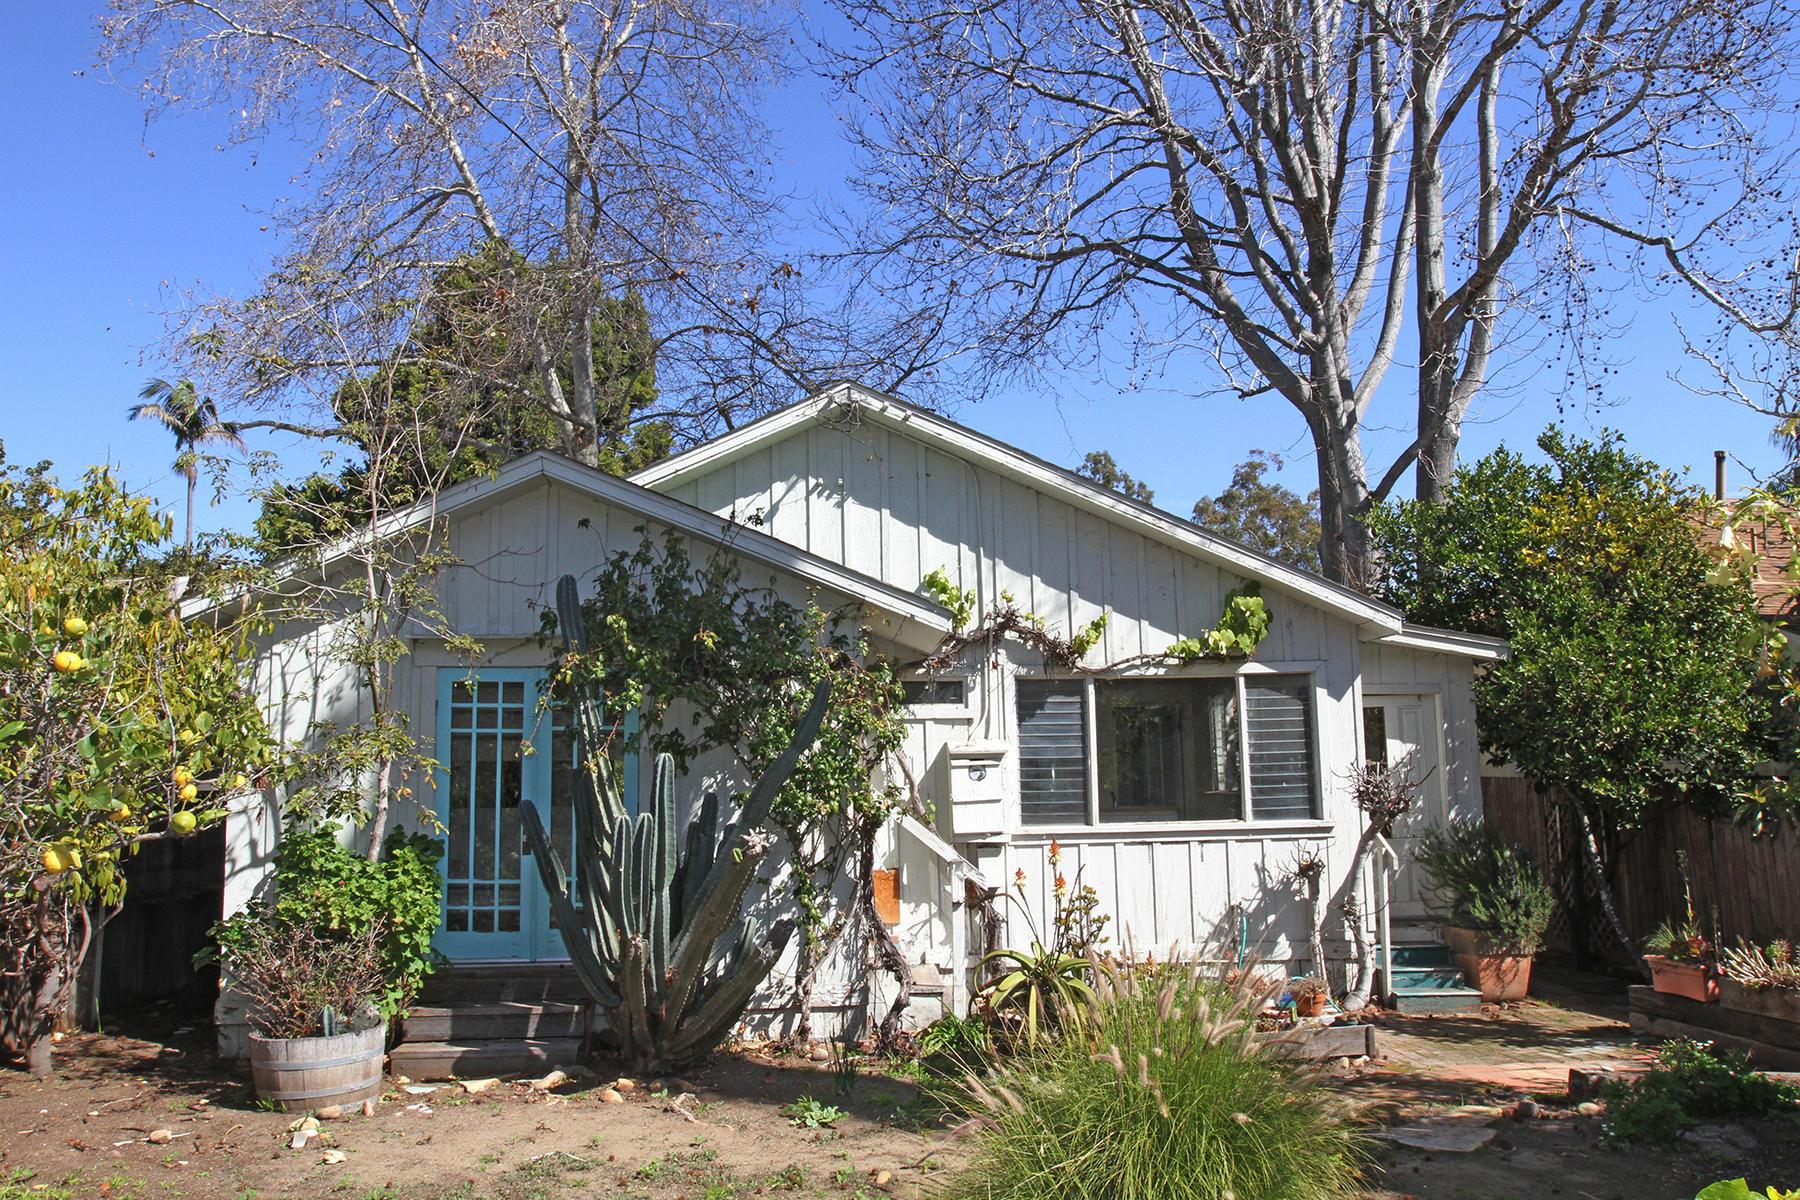 Property photo for 823 Orange Ave Santa Barbara, California 93101 - 19-600